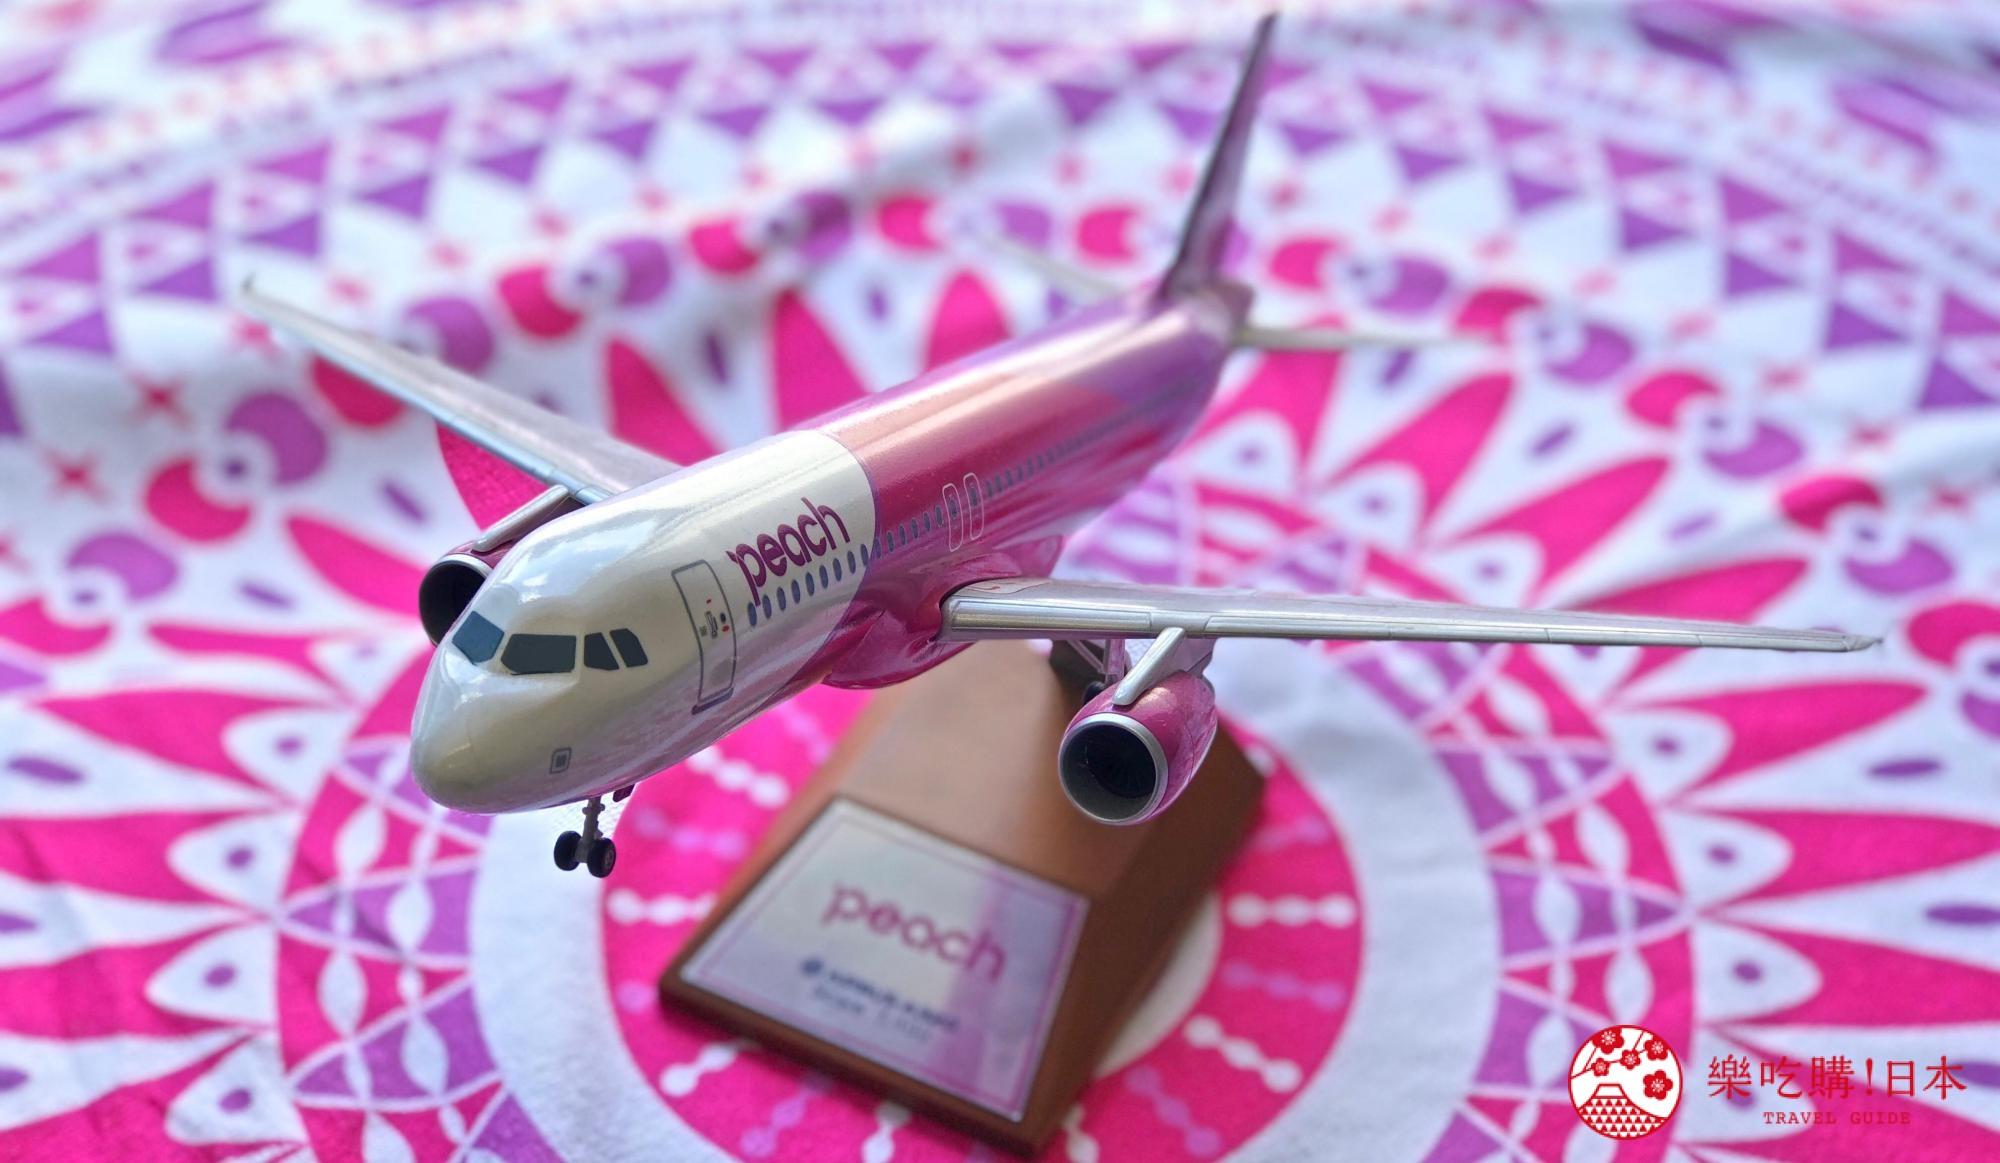 日本樂桃人氣原創設計商品的1:100 桌上模型 Peach Aviation A320-200 近照